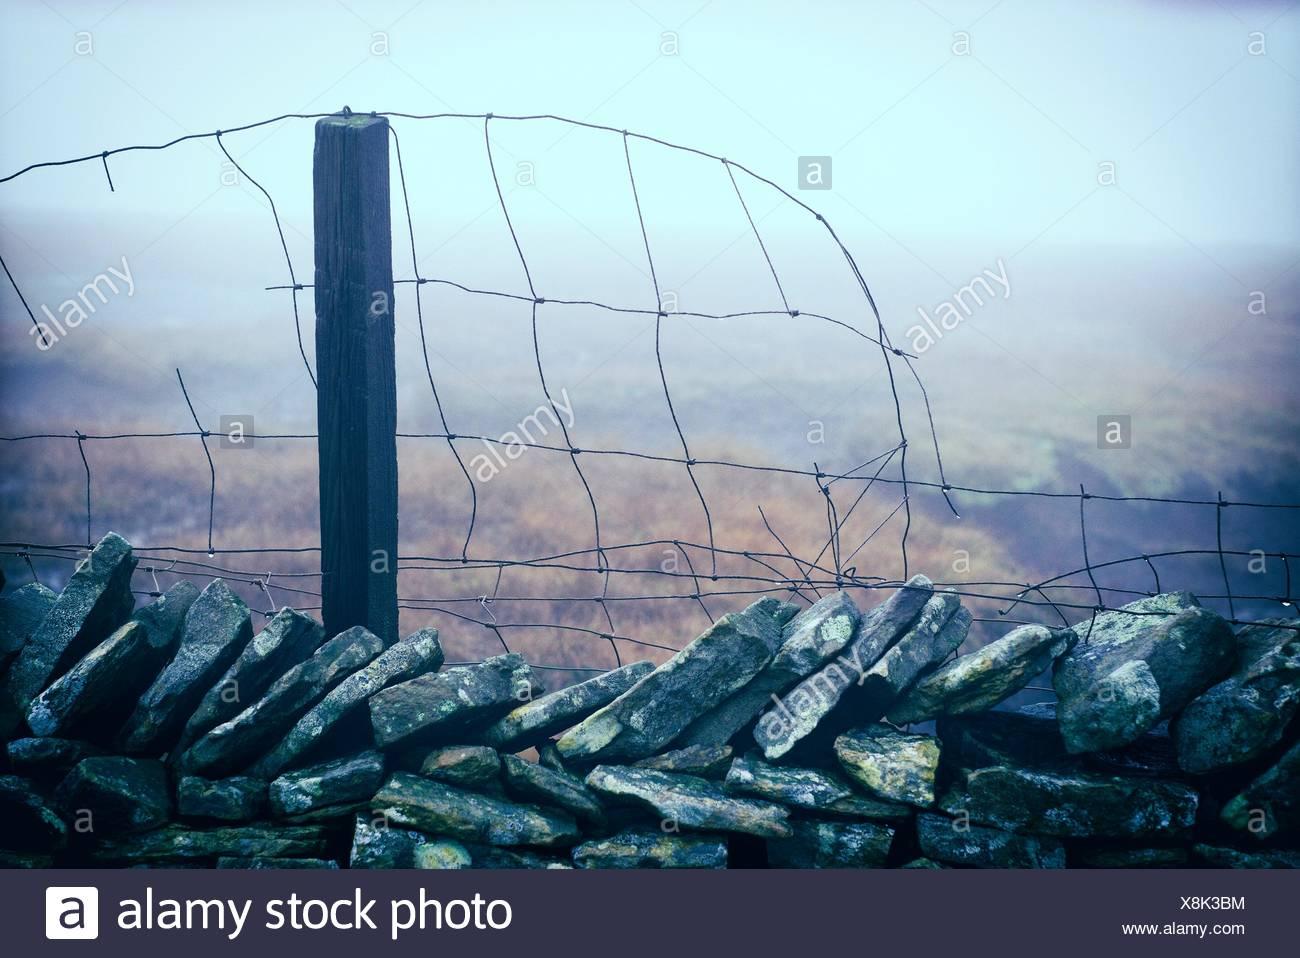 Wire Gauze Stock Photos & Wire Gauze Stock Images - Alamy